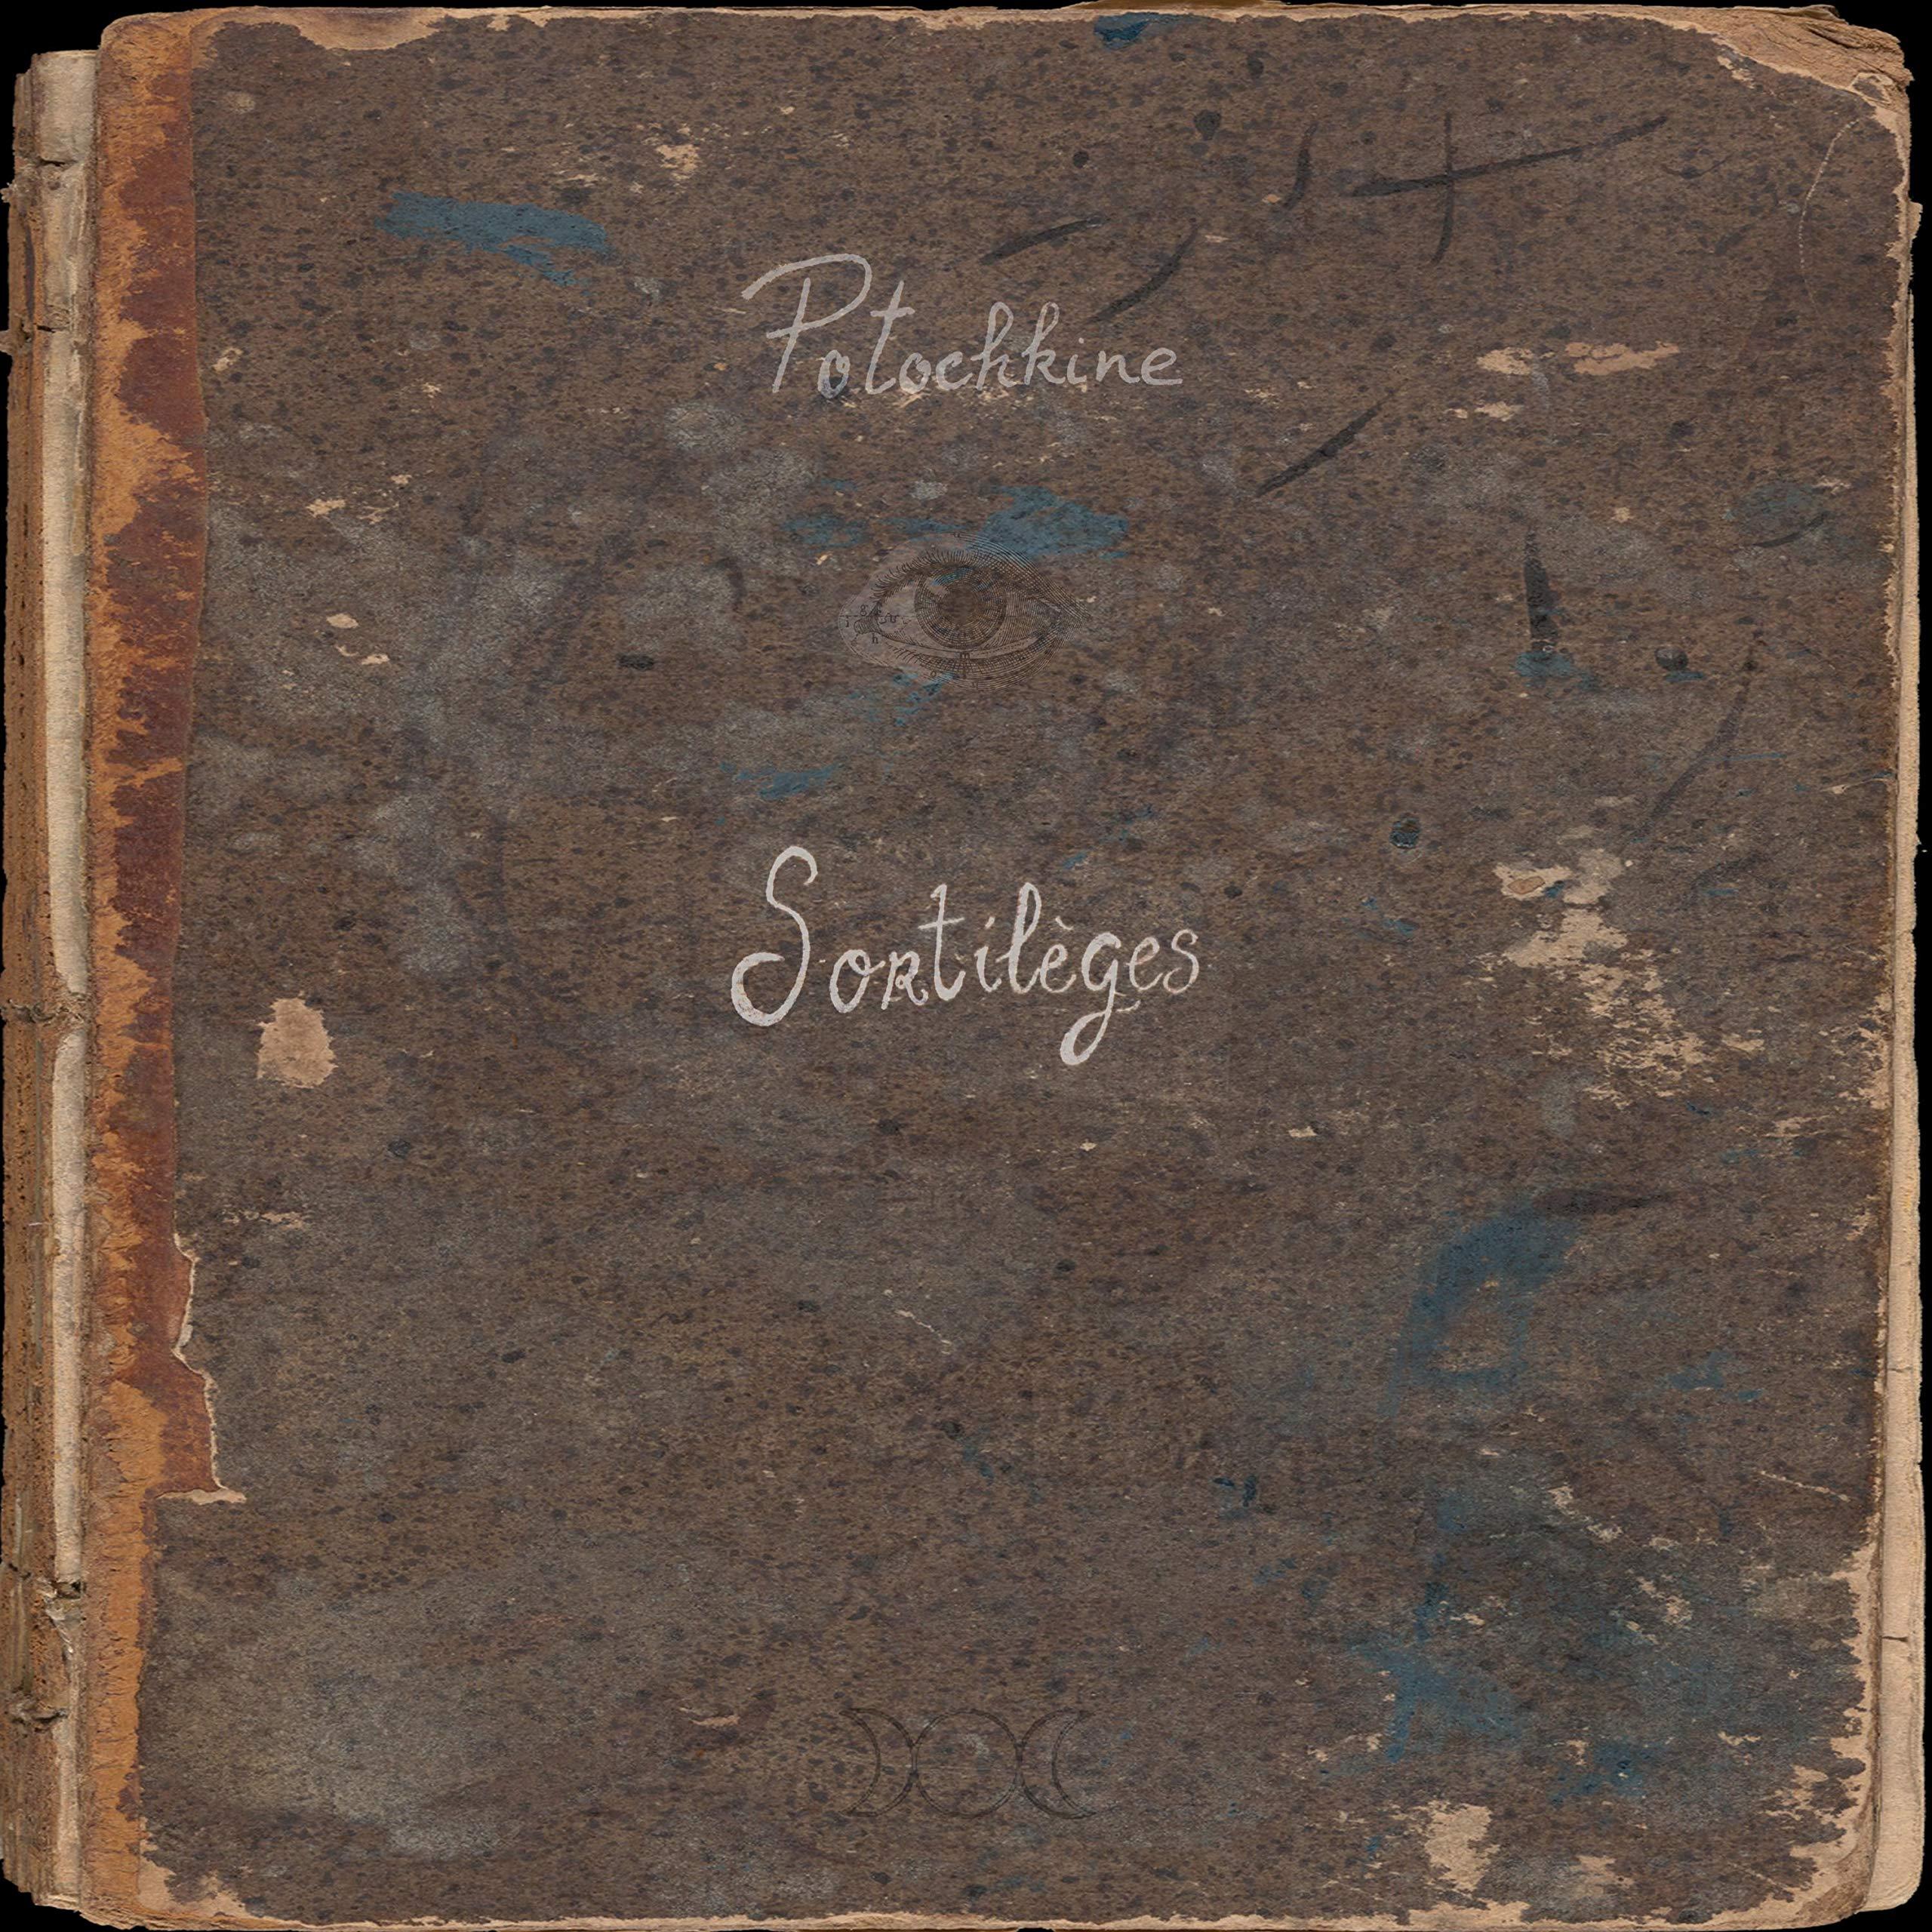 Potochkine - Sortilèges (2021) [FLAC] Download